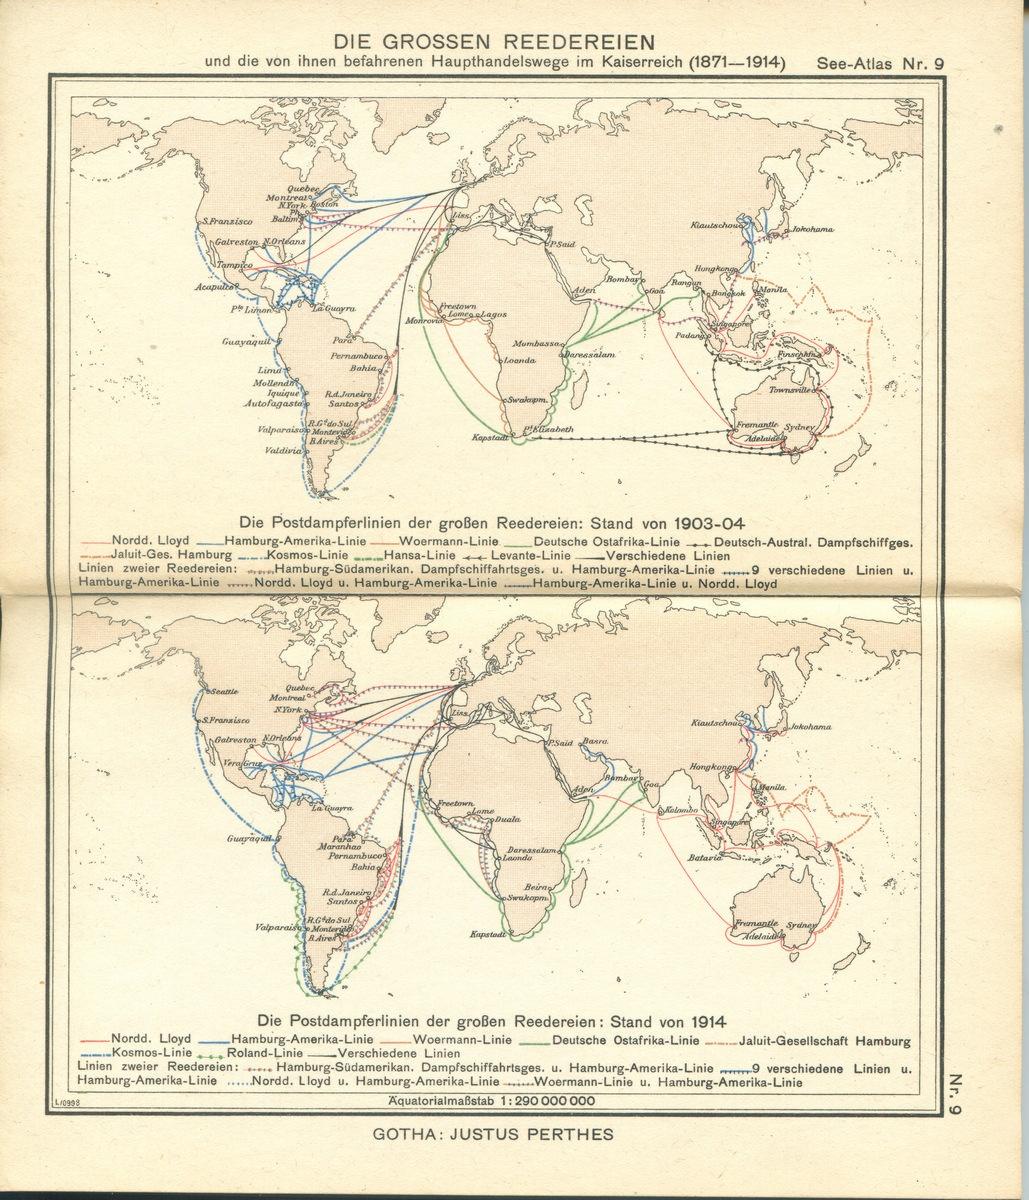 Die Grossen Reedereien und die von ihnen befahrenem Haupthandelswege im Kaiserreich (1871 - 1914)